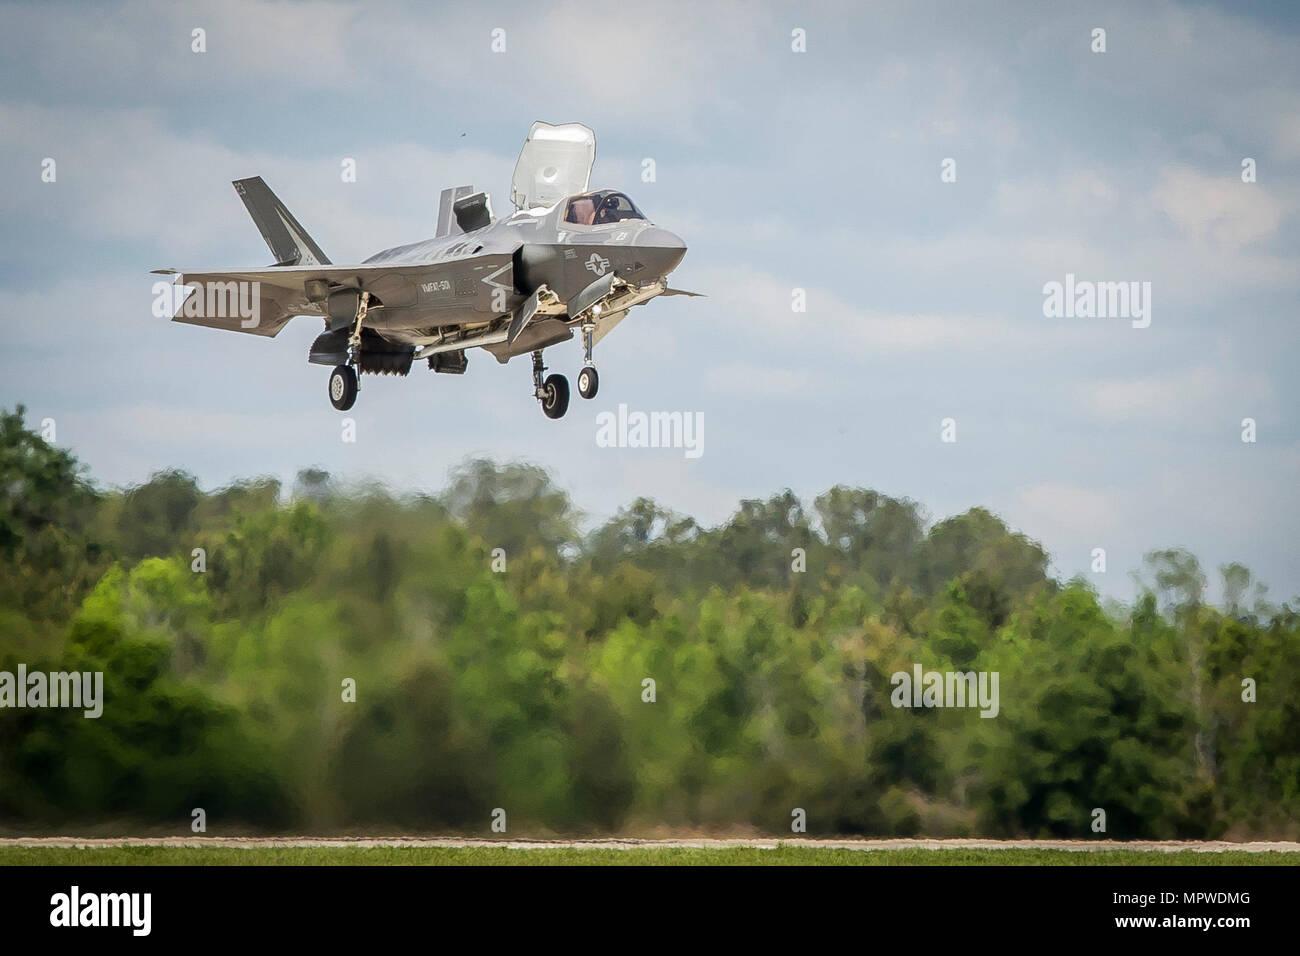 Un F-35B Lighting II aeromobili si prepara a terra durante un esercizio di formazione con Airborne Tactical Advantage Company a bordo Marine Corps Air Station Beaufort, 14 aprile. Marine attacco Fighter Training Squadron utilizzato ATAC per addestrare i loro piloti in anti-aerei di guerra. ATAC fornito l'avversario presentazione dell'aria per VMFAT-501. La F-35B è con VMFAT-501. Immagini Stock